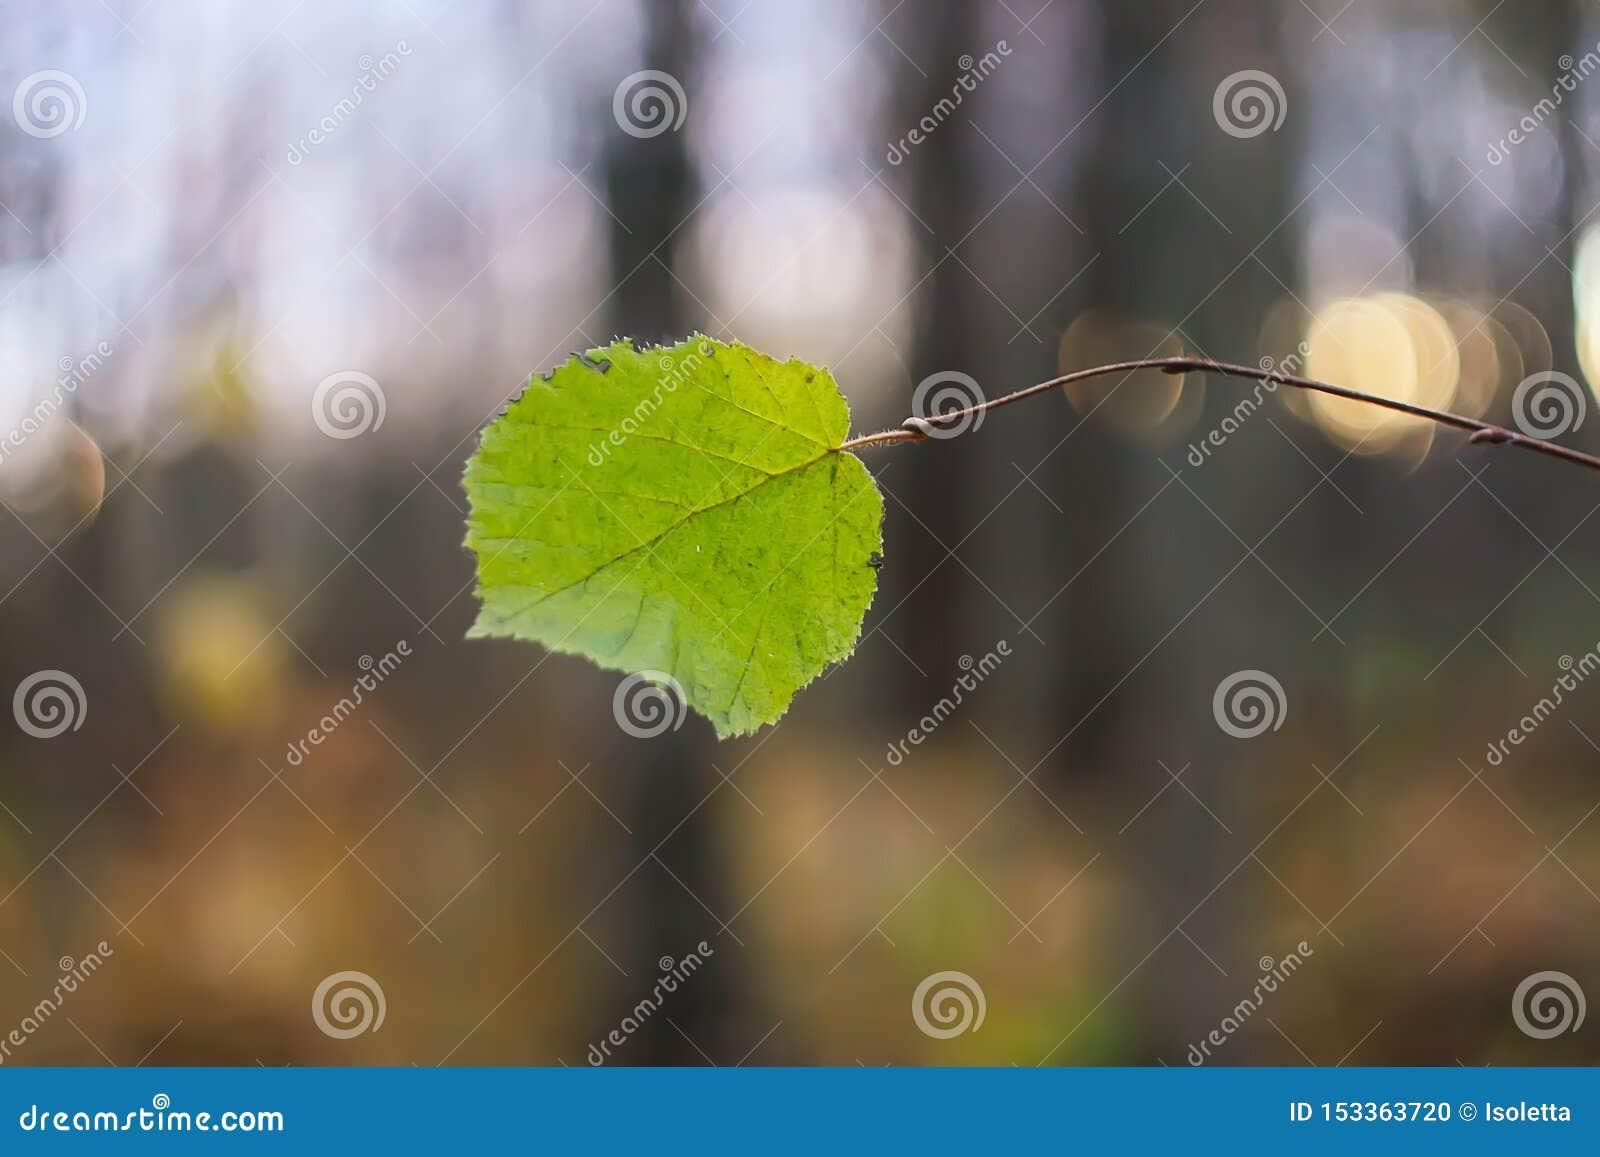 Detalle de la naturaleza del oto?o Hoja verde en rama de árbol desnuda